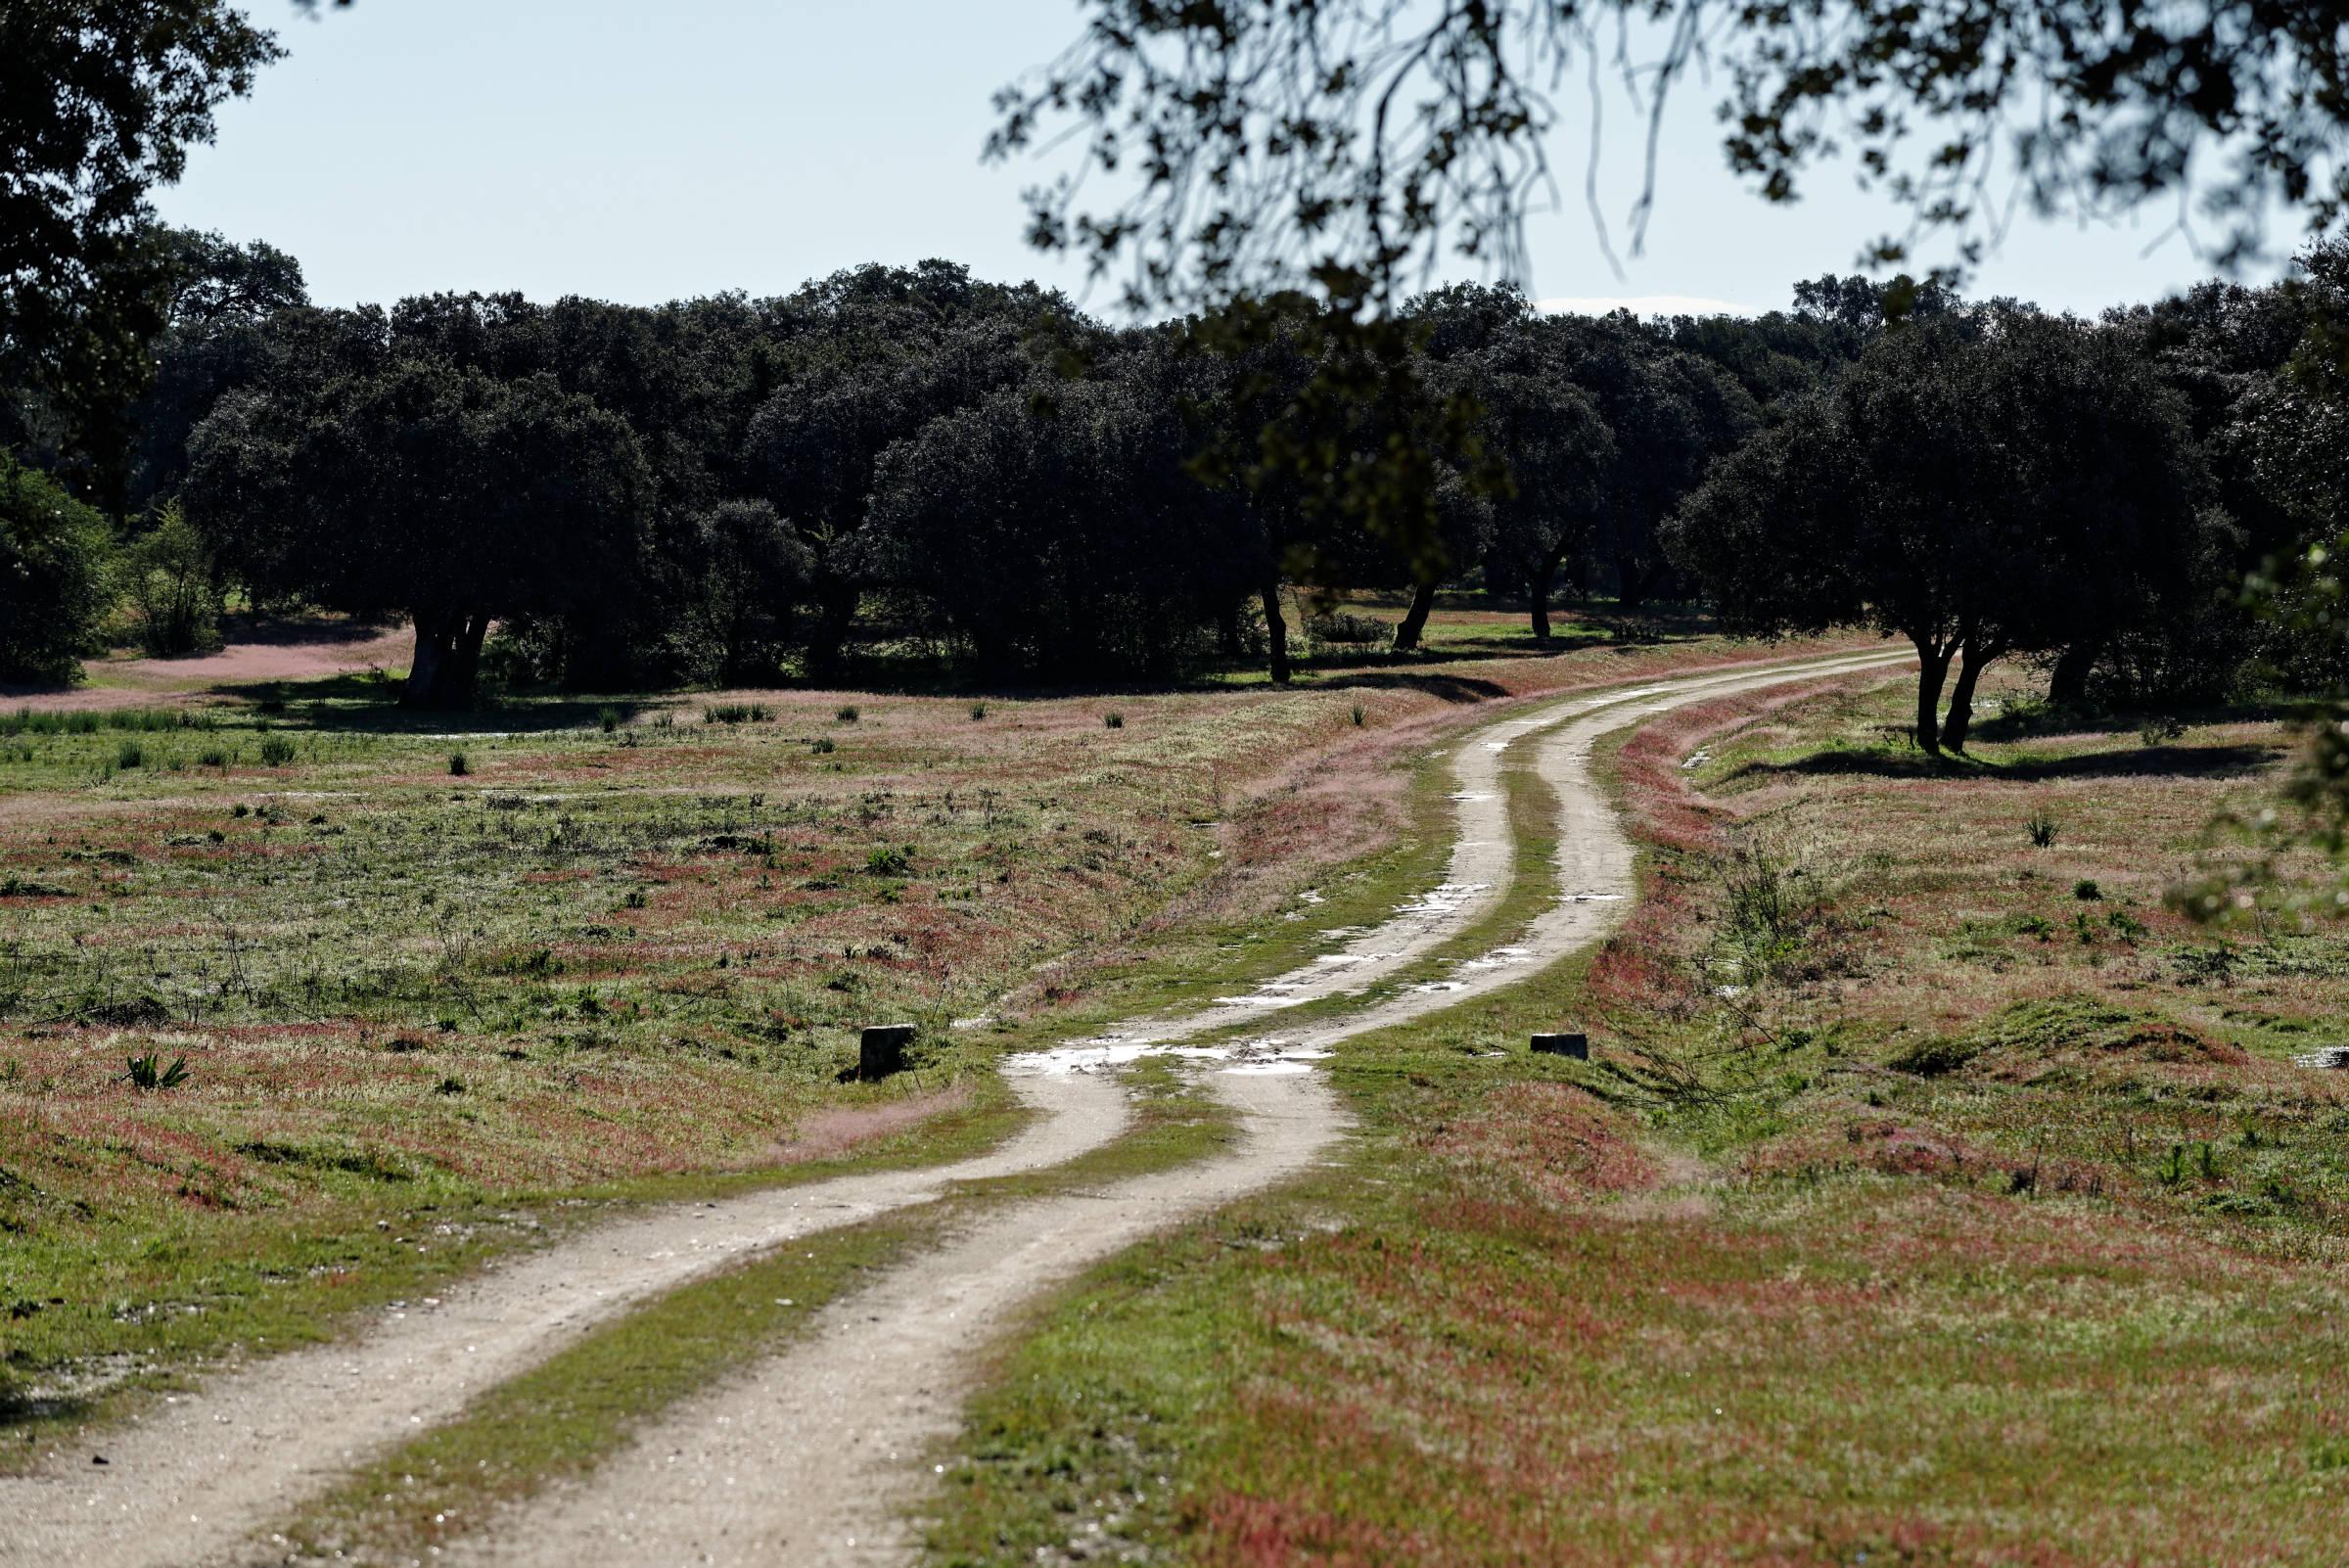 160405-parc national de monfrague (Estremadure) (110)